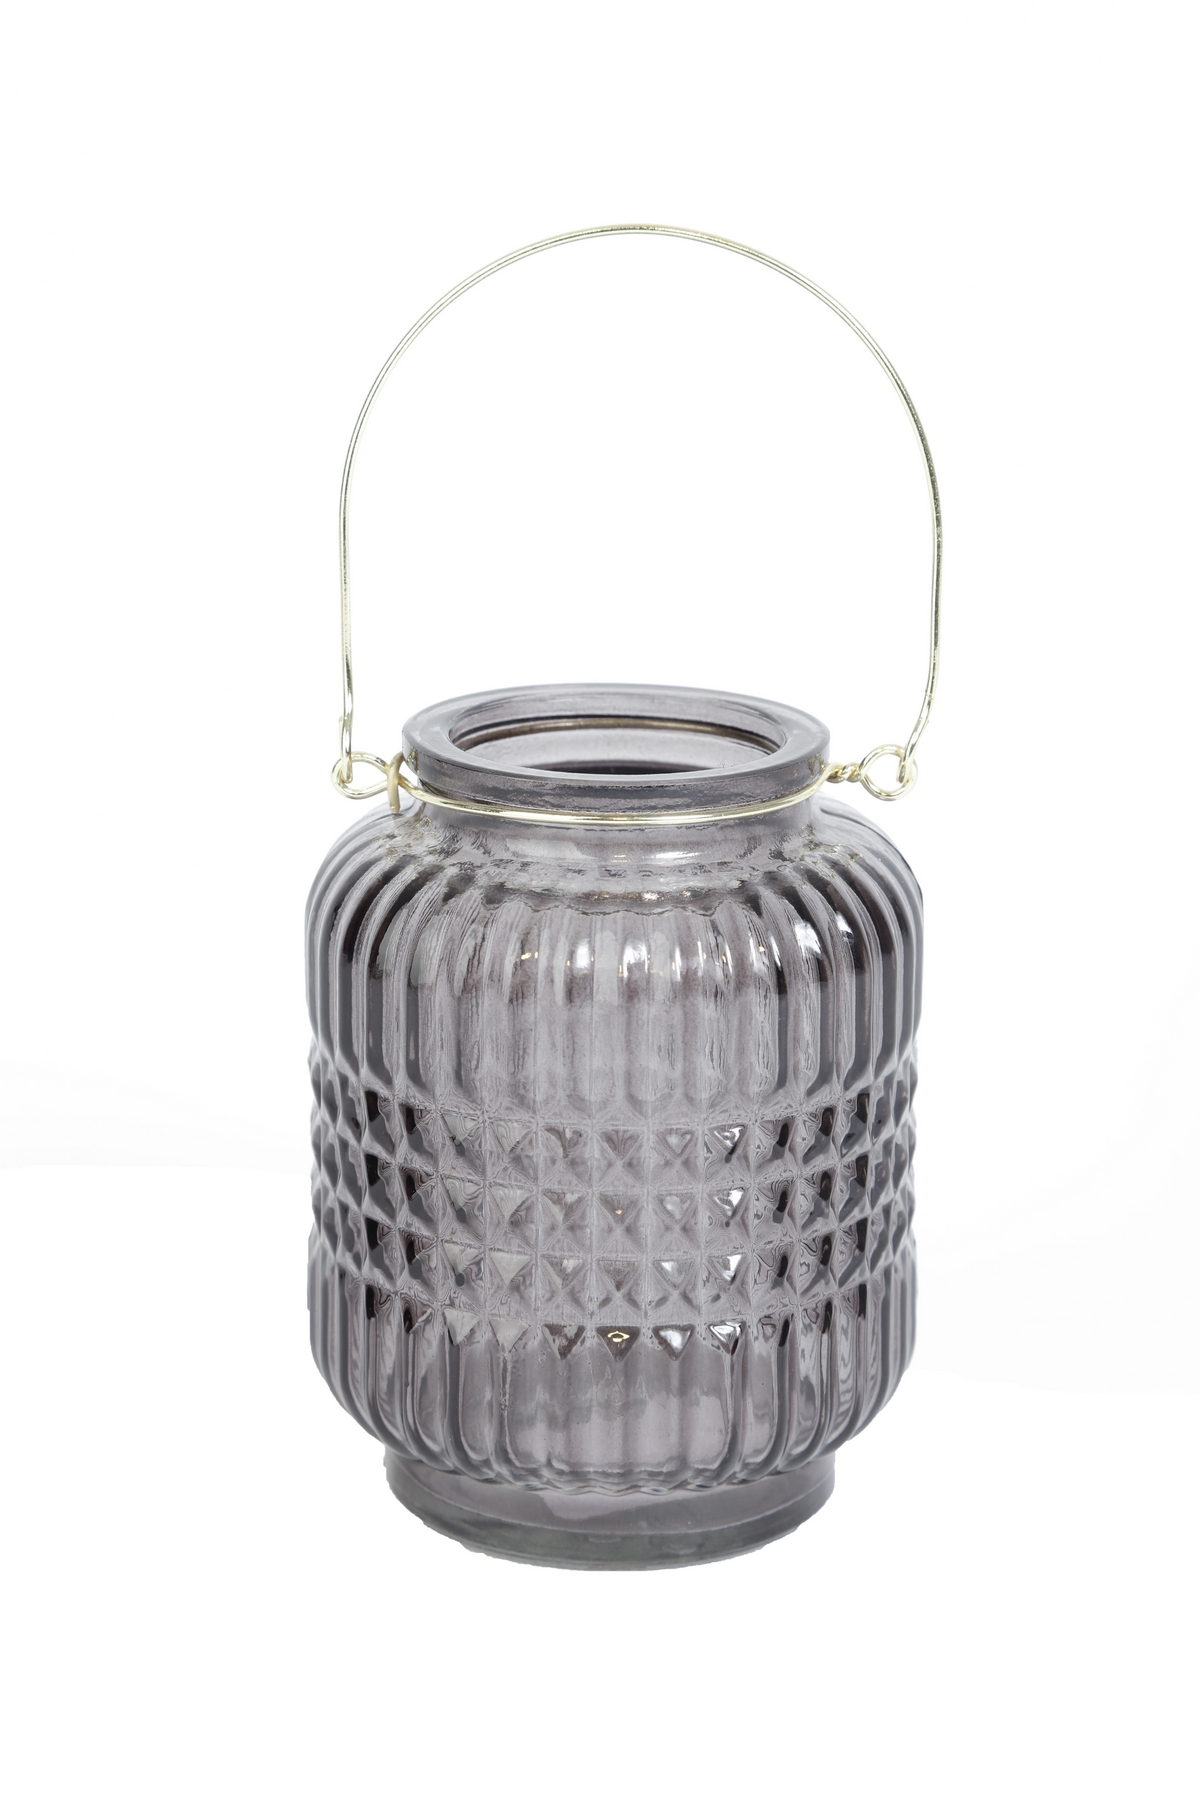 grå hängande ljuslykta i glas